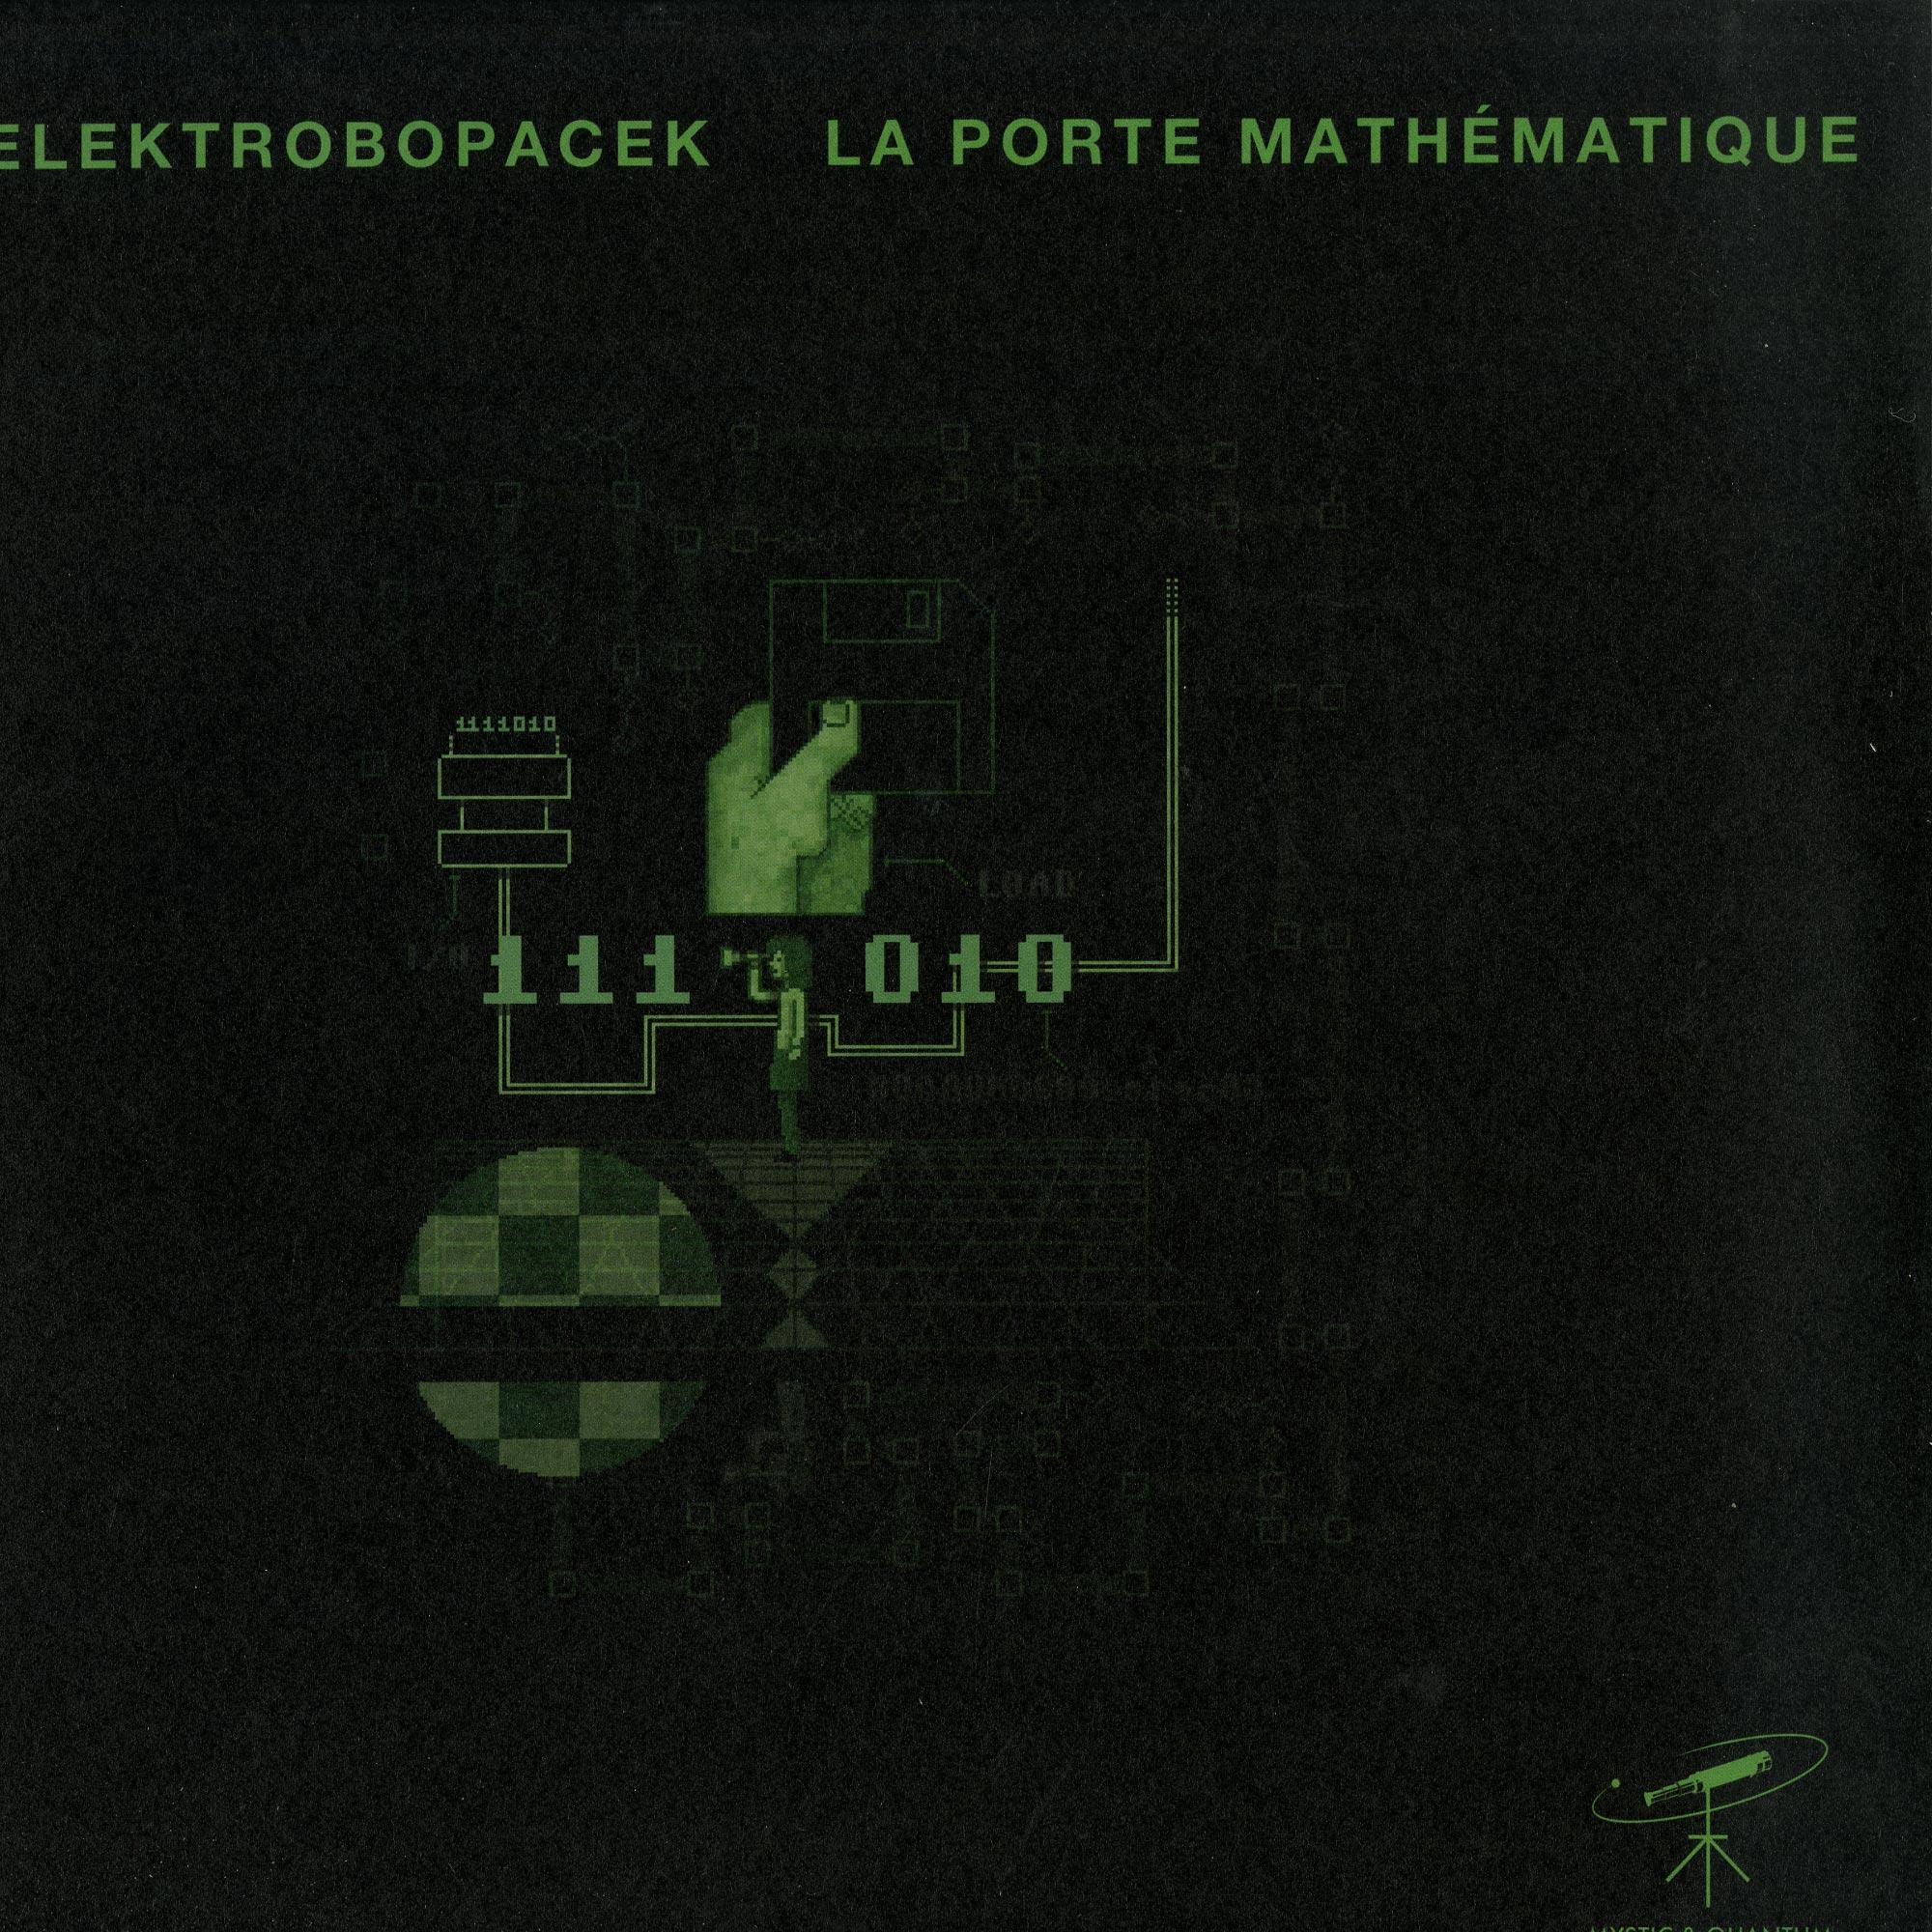 Elektrobopacek - LA PORTE MATHEMATIQUE